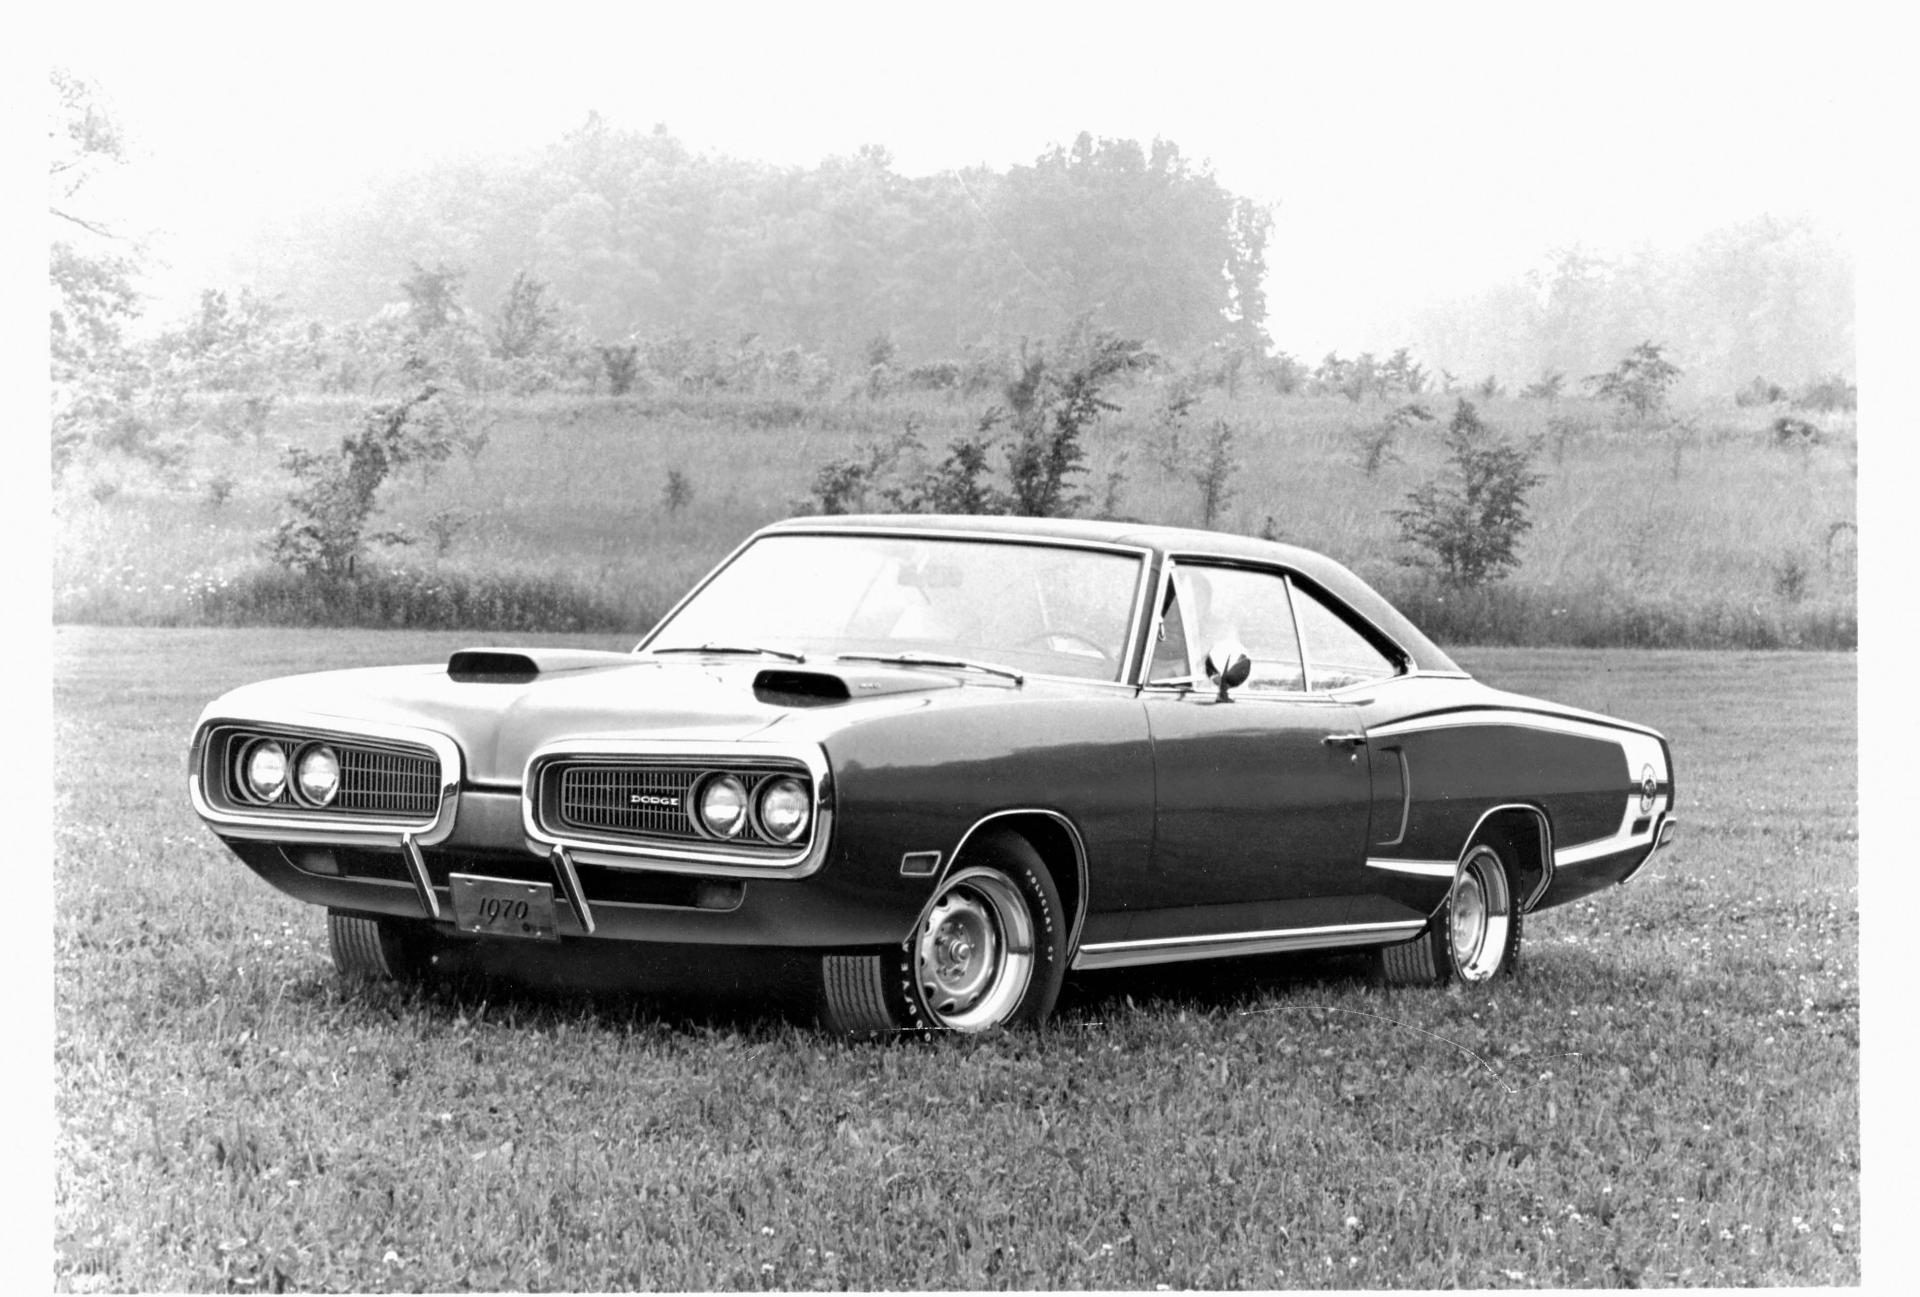 1970 Dodge Coronet Conceptcarz Com